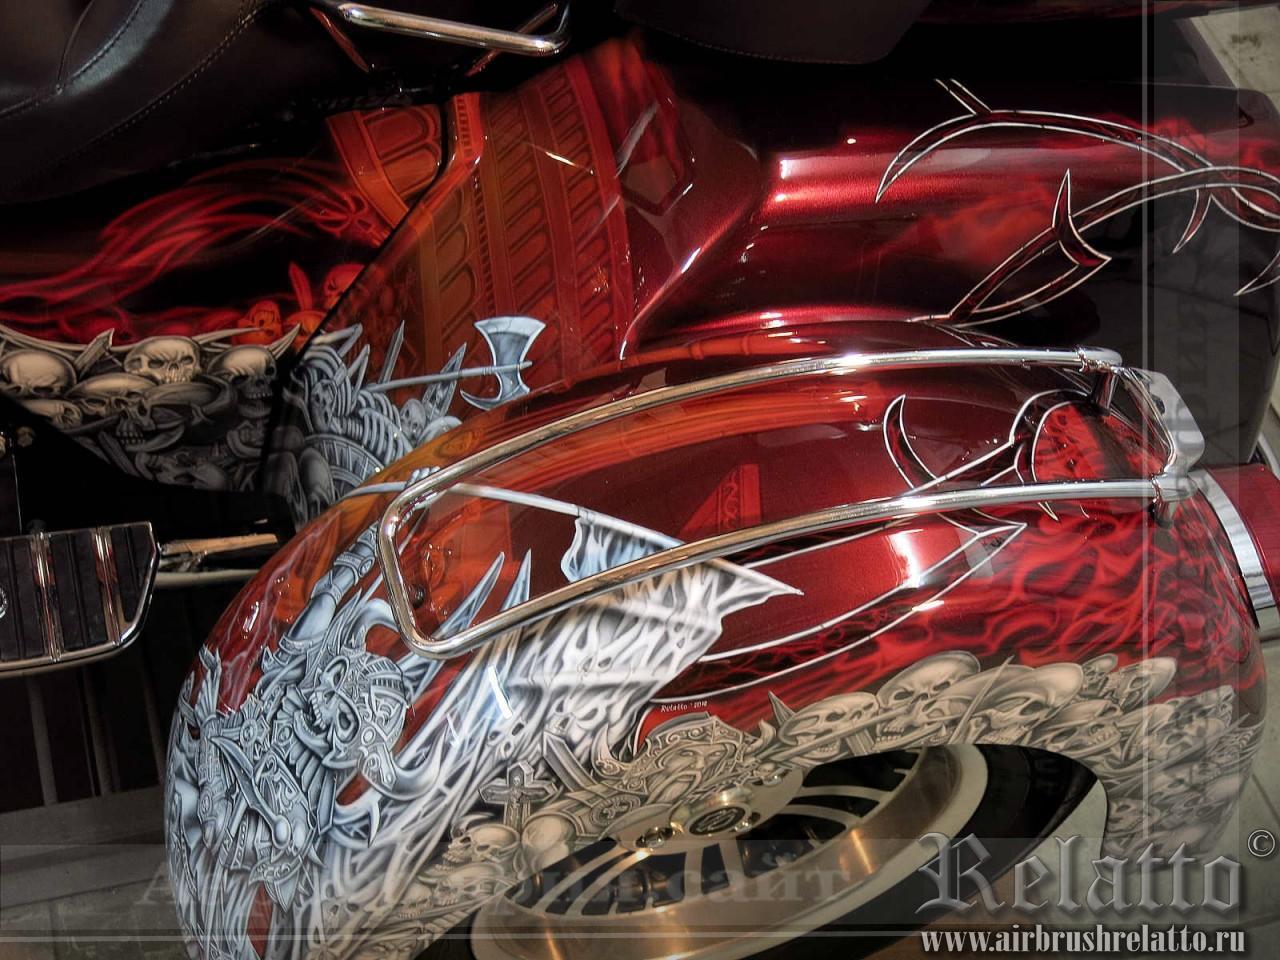 аэрография байка Harley-Davidson Tri Glide Ultra Classic